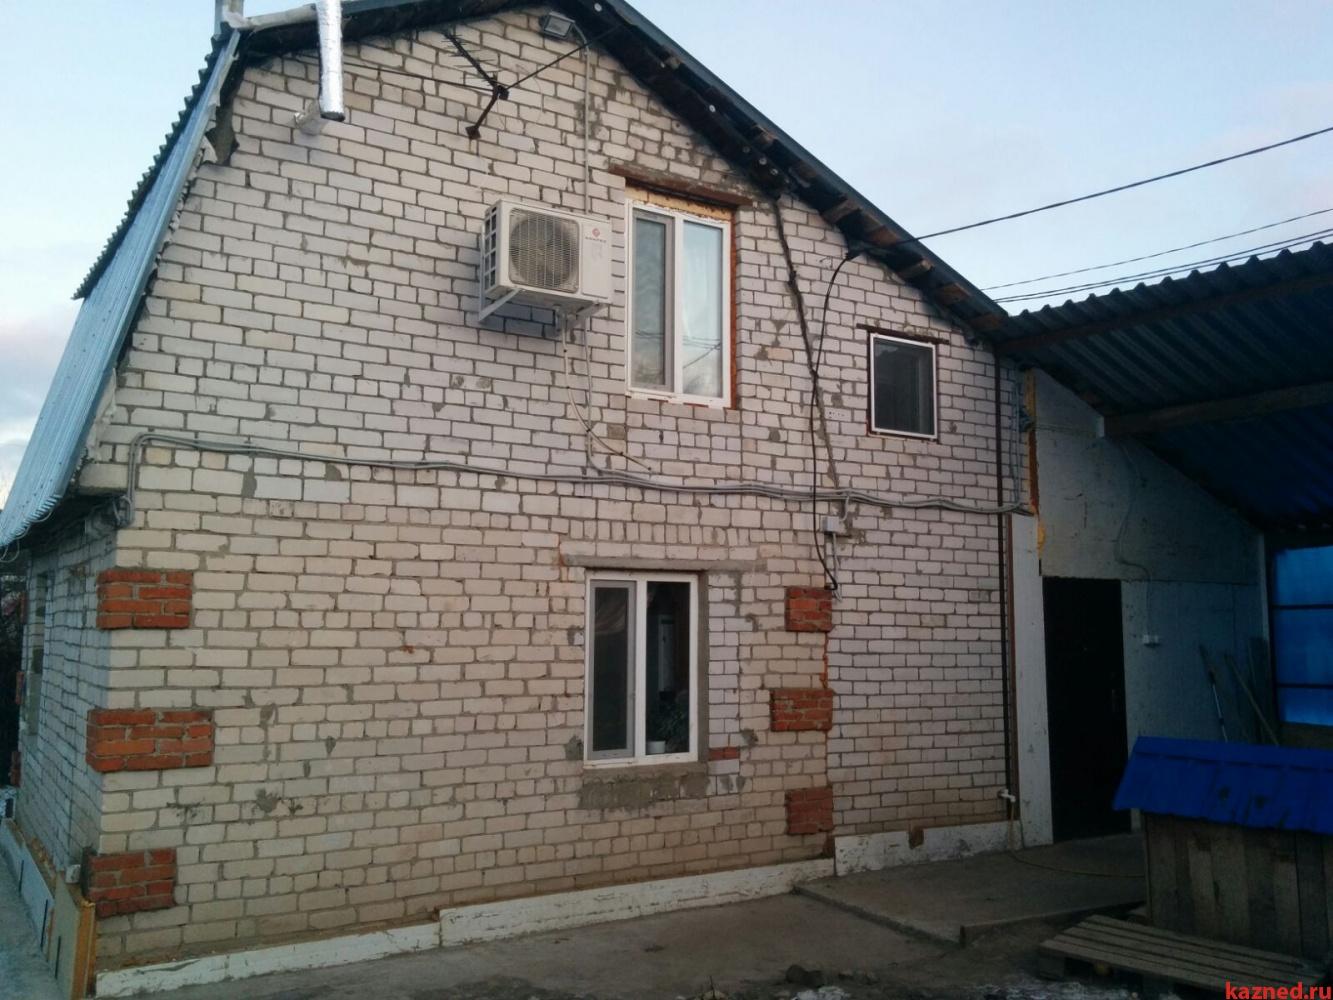 Продажа  Дома Мирный пос. 4-я Давликеевская, 55 м2  (миниатюра №8)